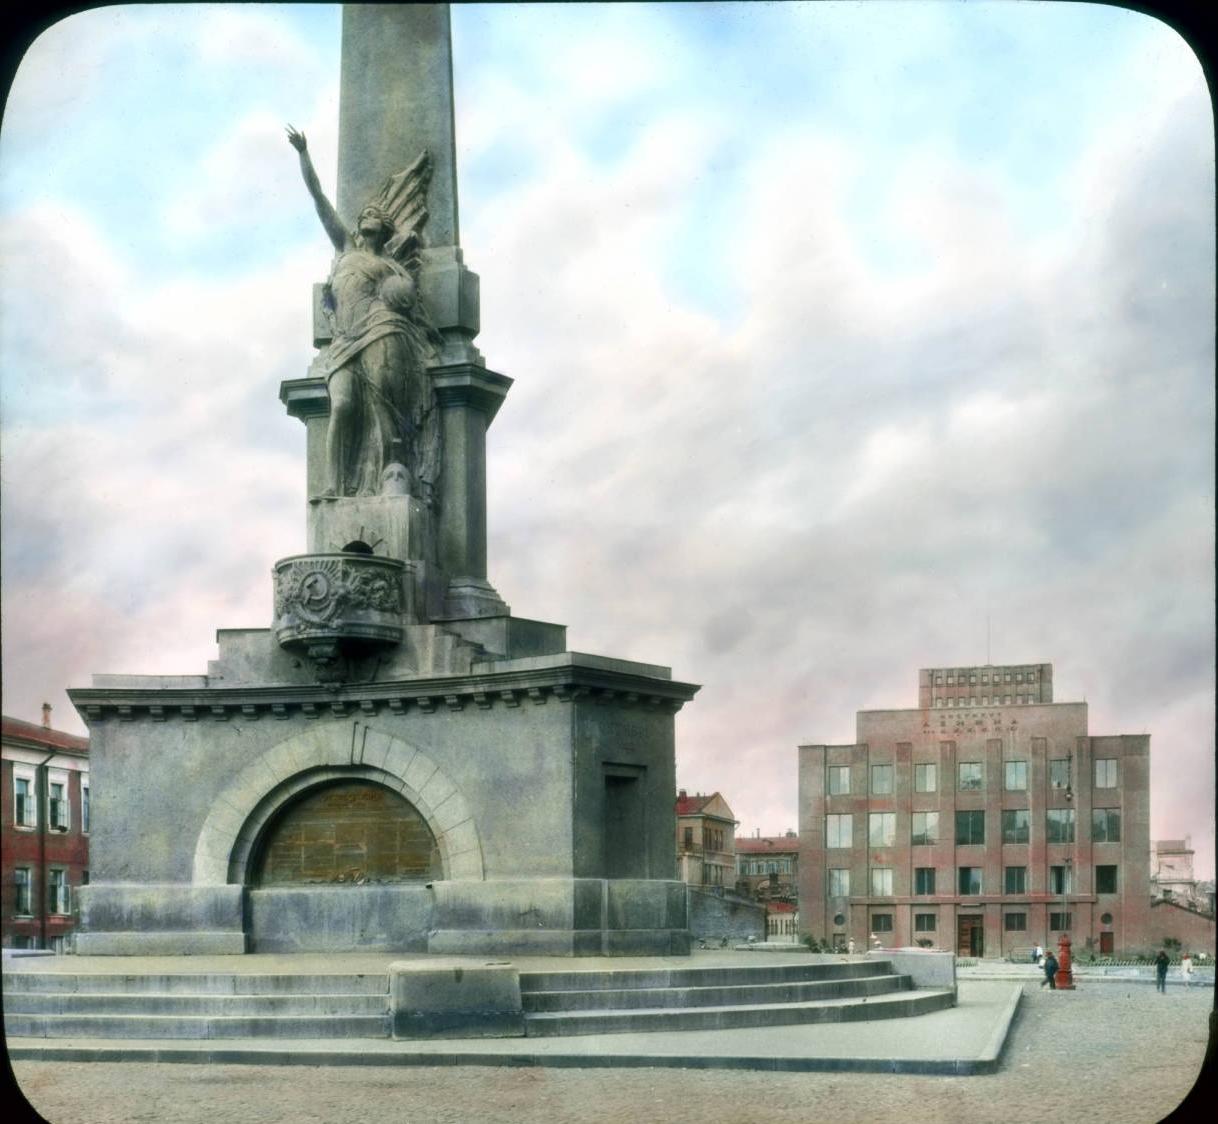 Москва. Тверская площадь. Памятник Победы